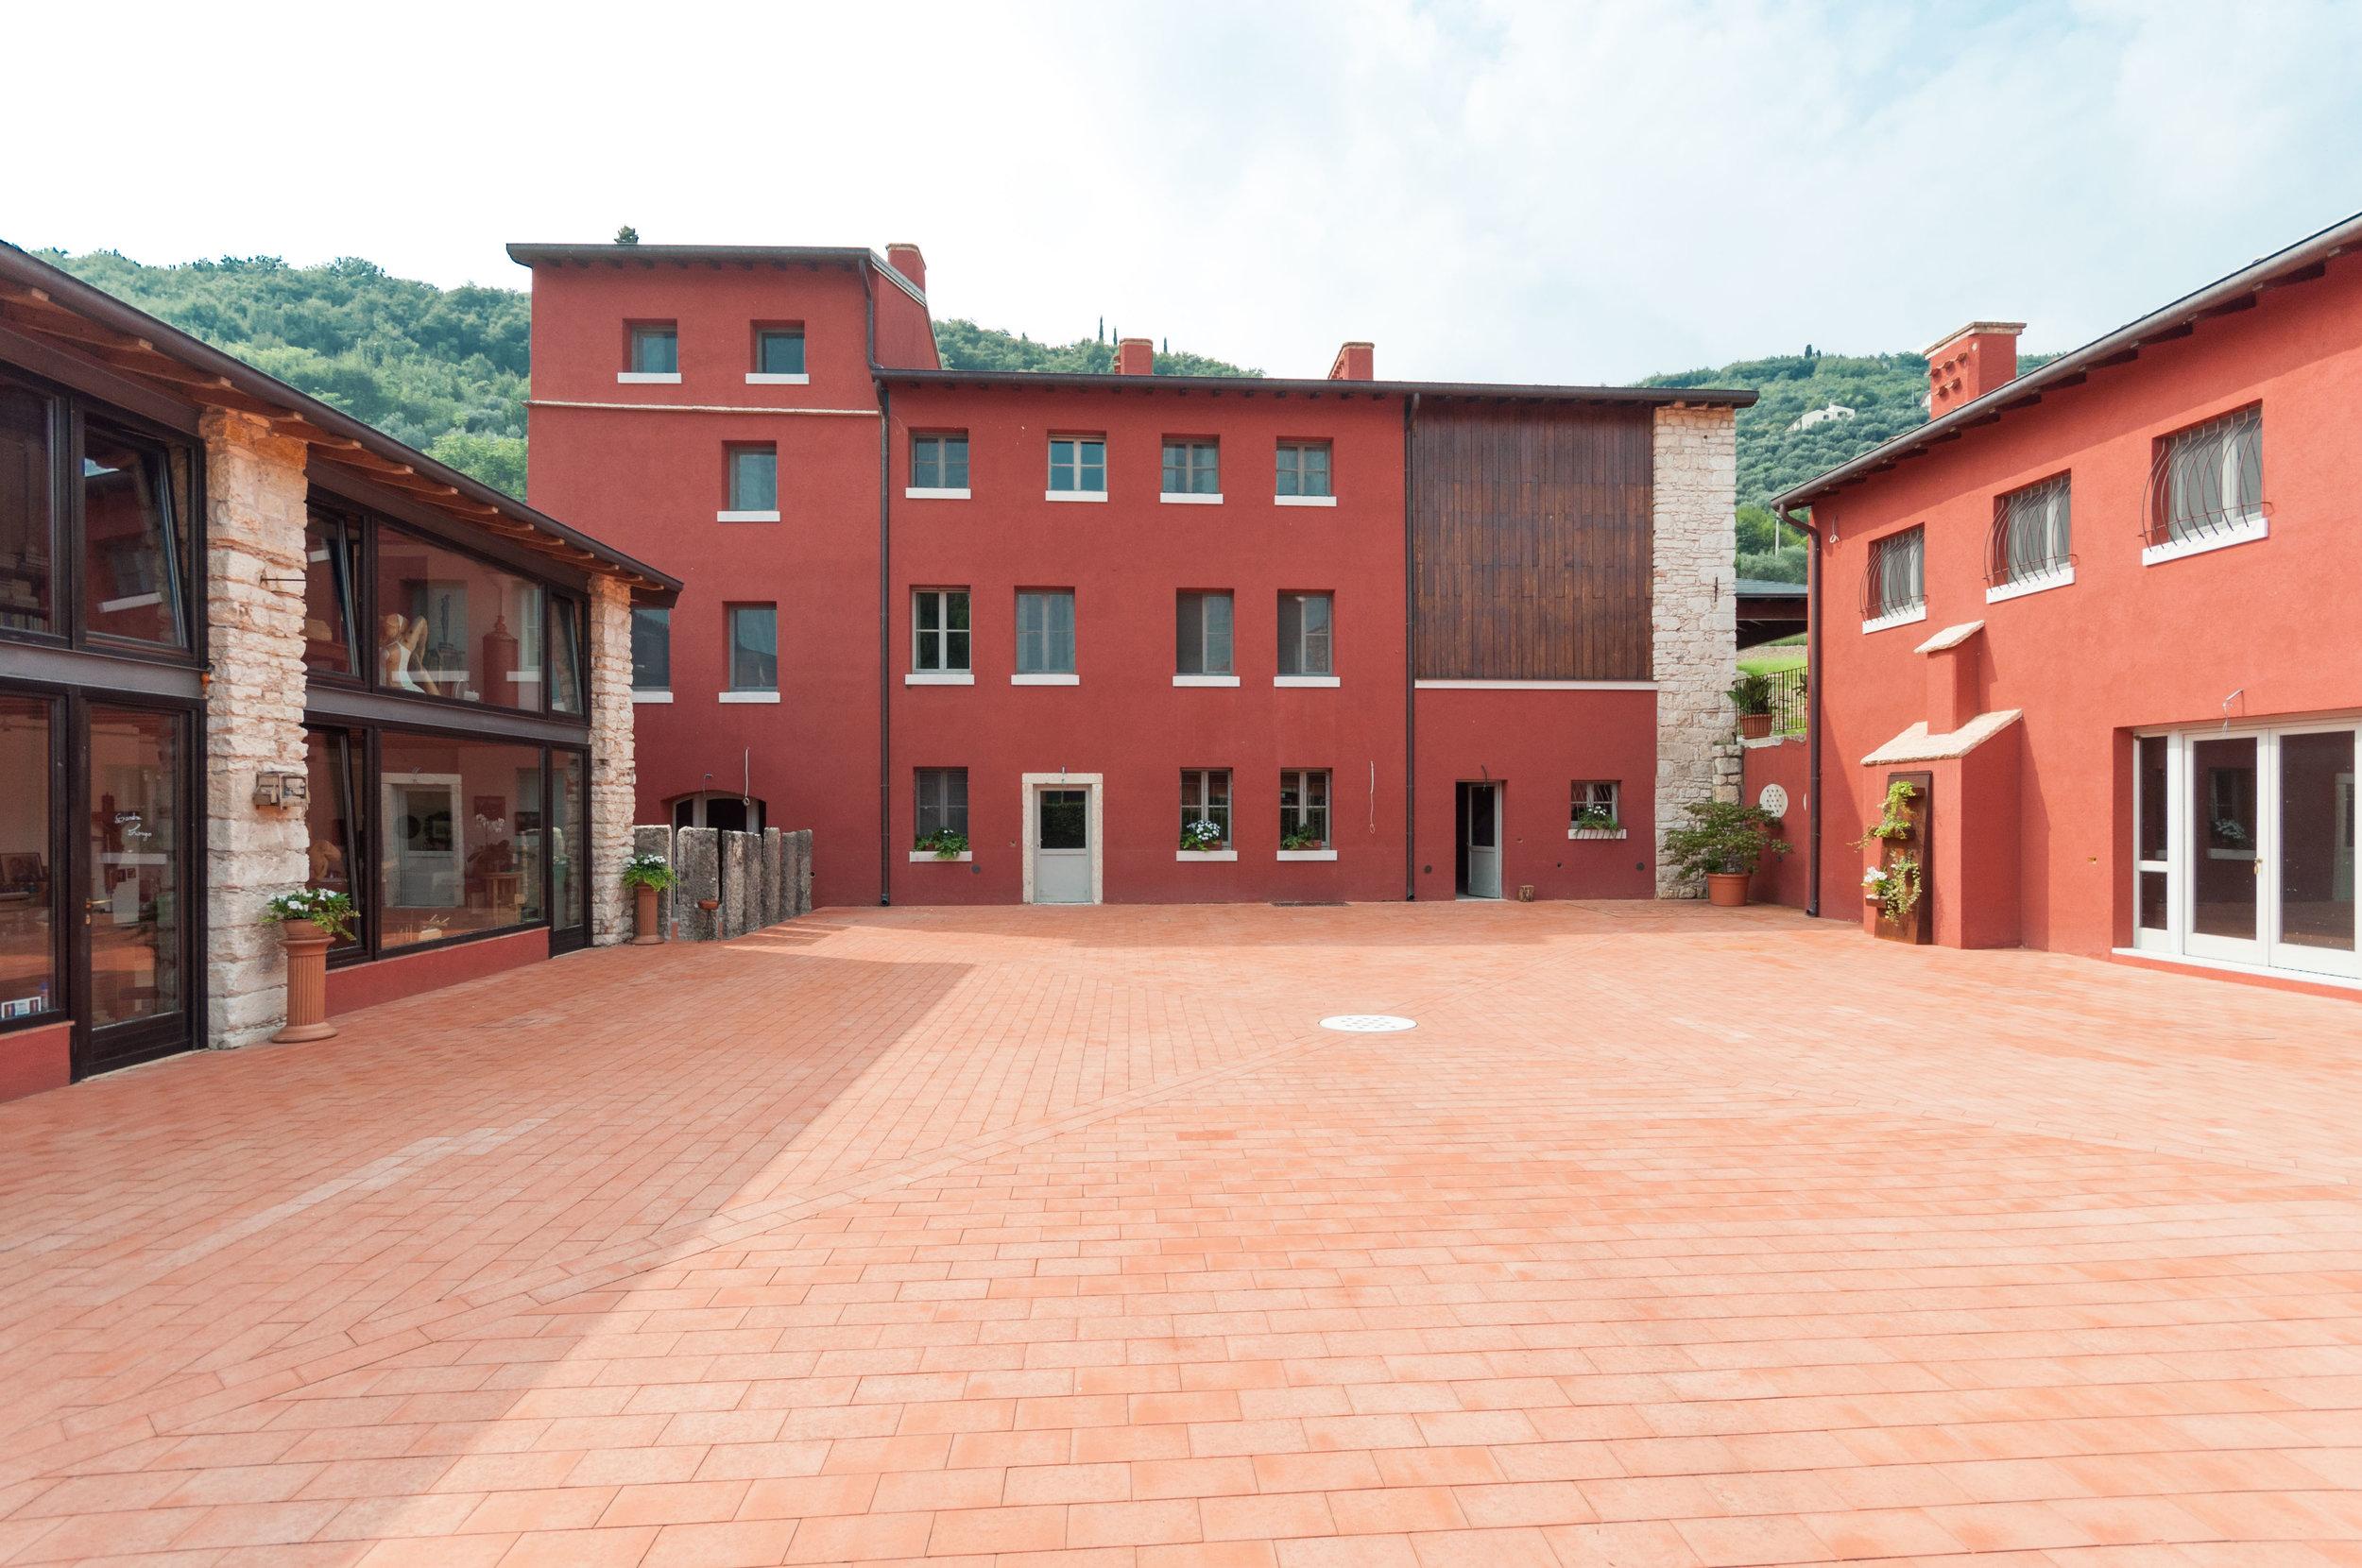 Colle-degli-Ulivi-2.jpg